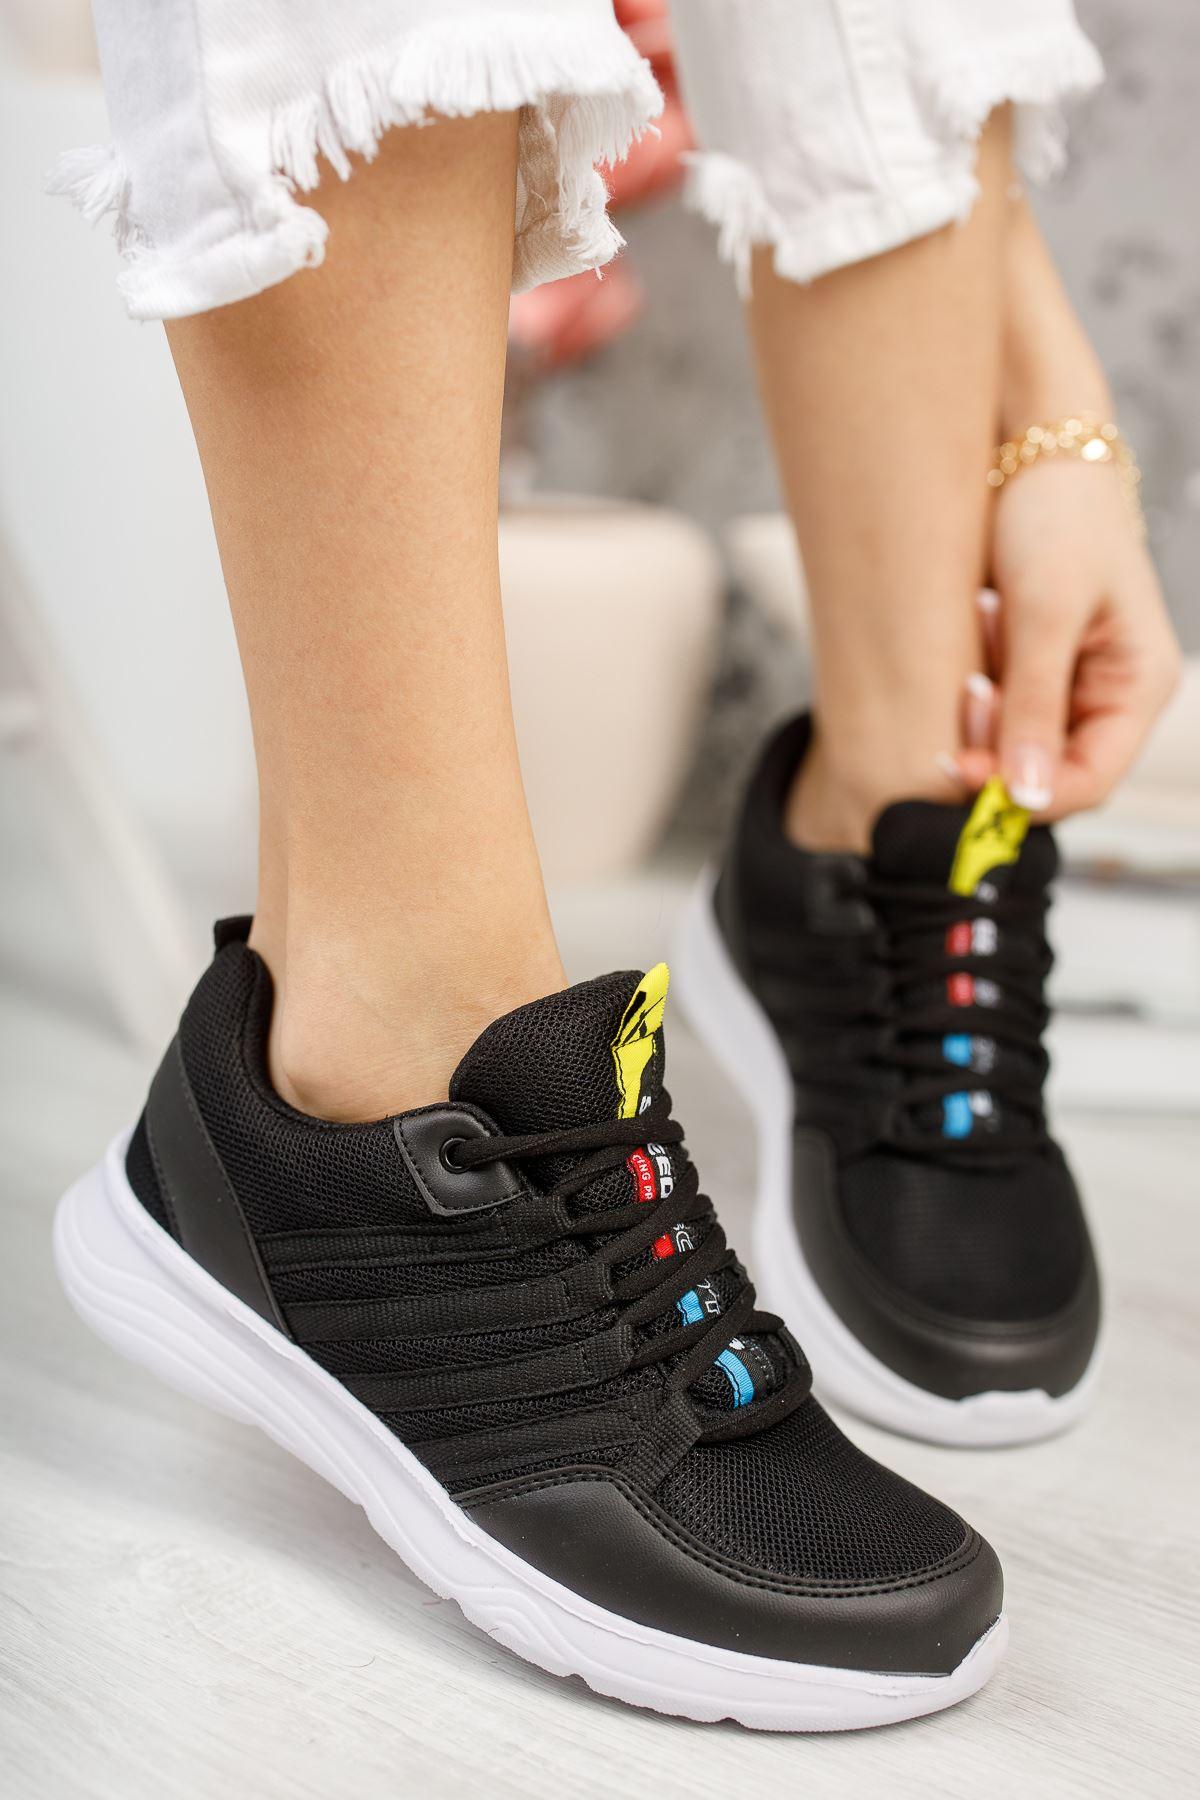 Paşi Siyah Beyaz Taban Kadın Spor Ayakkabı